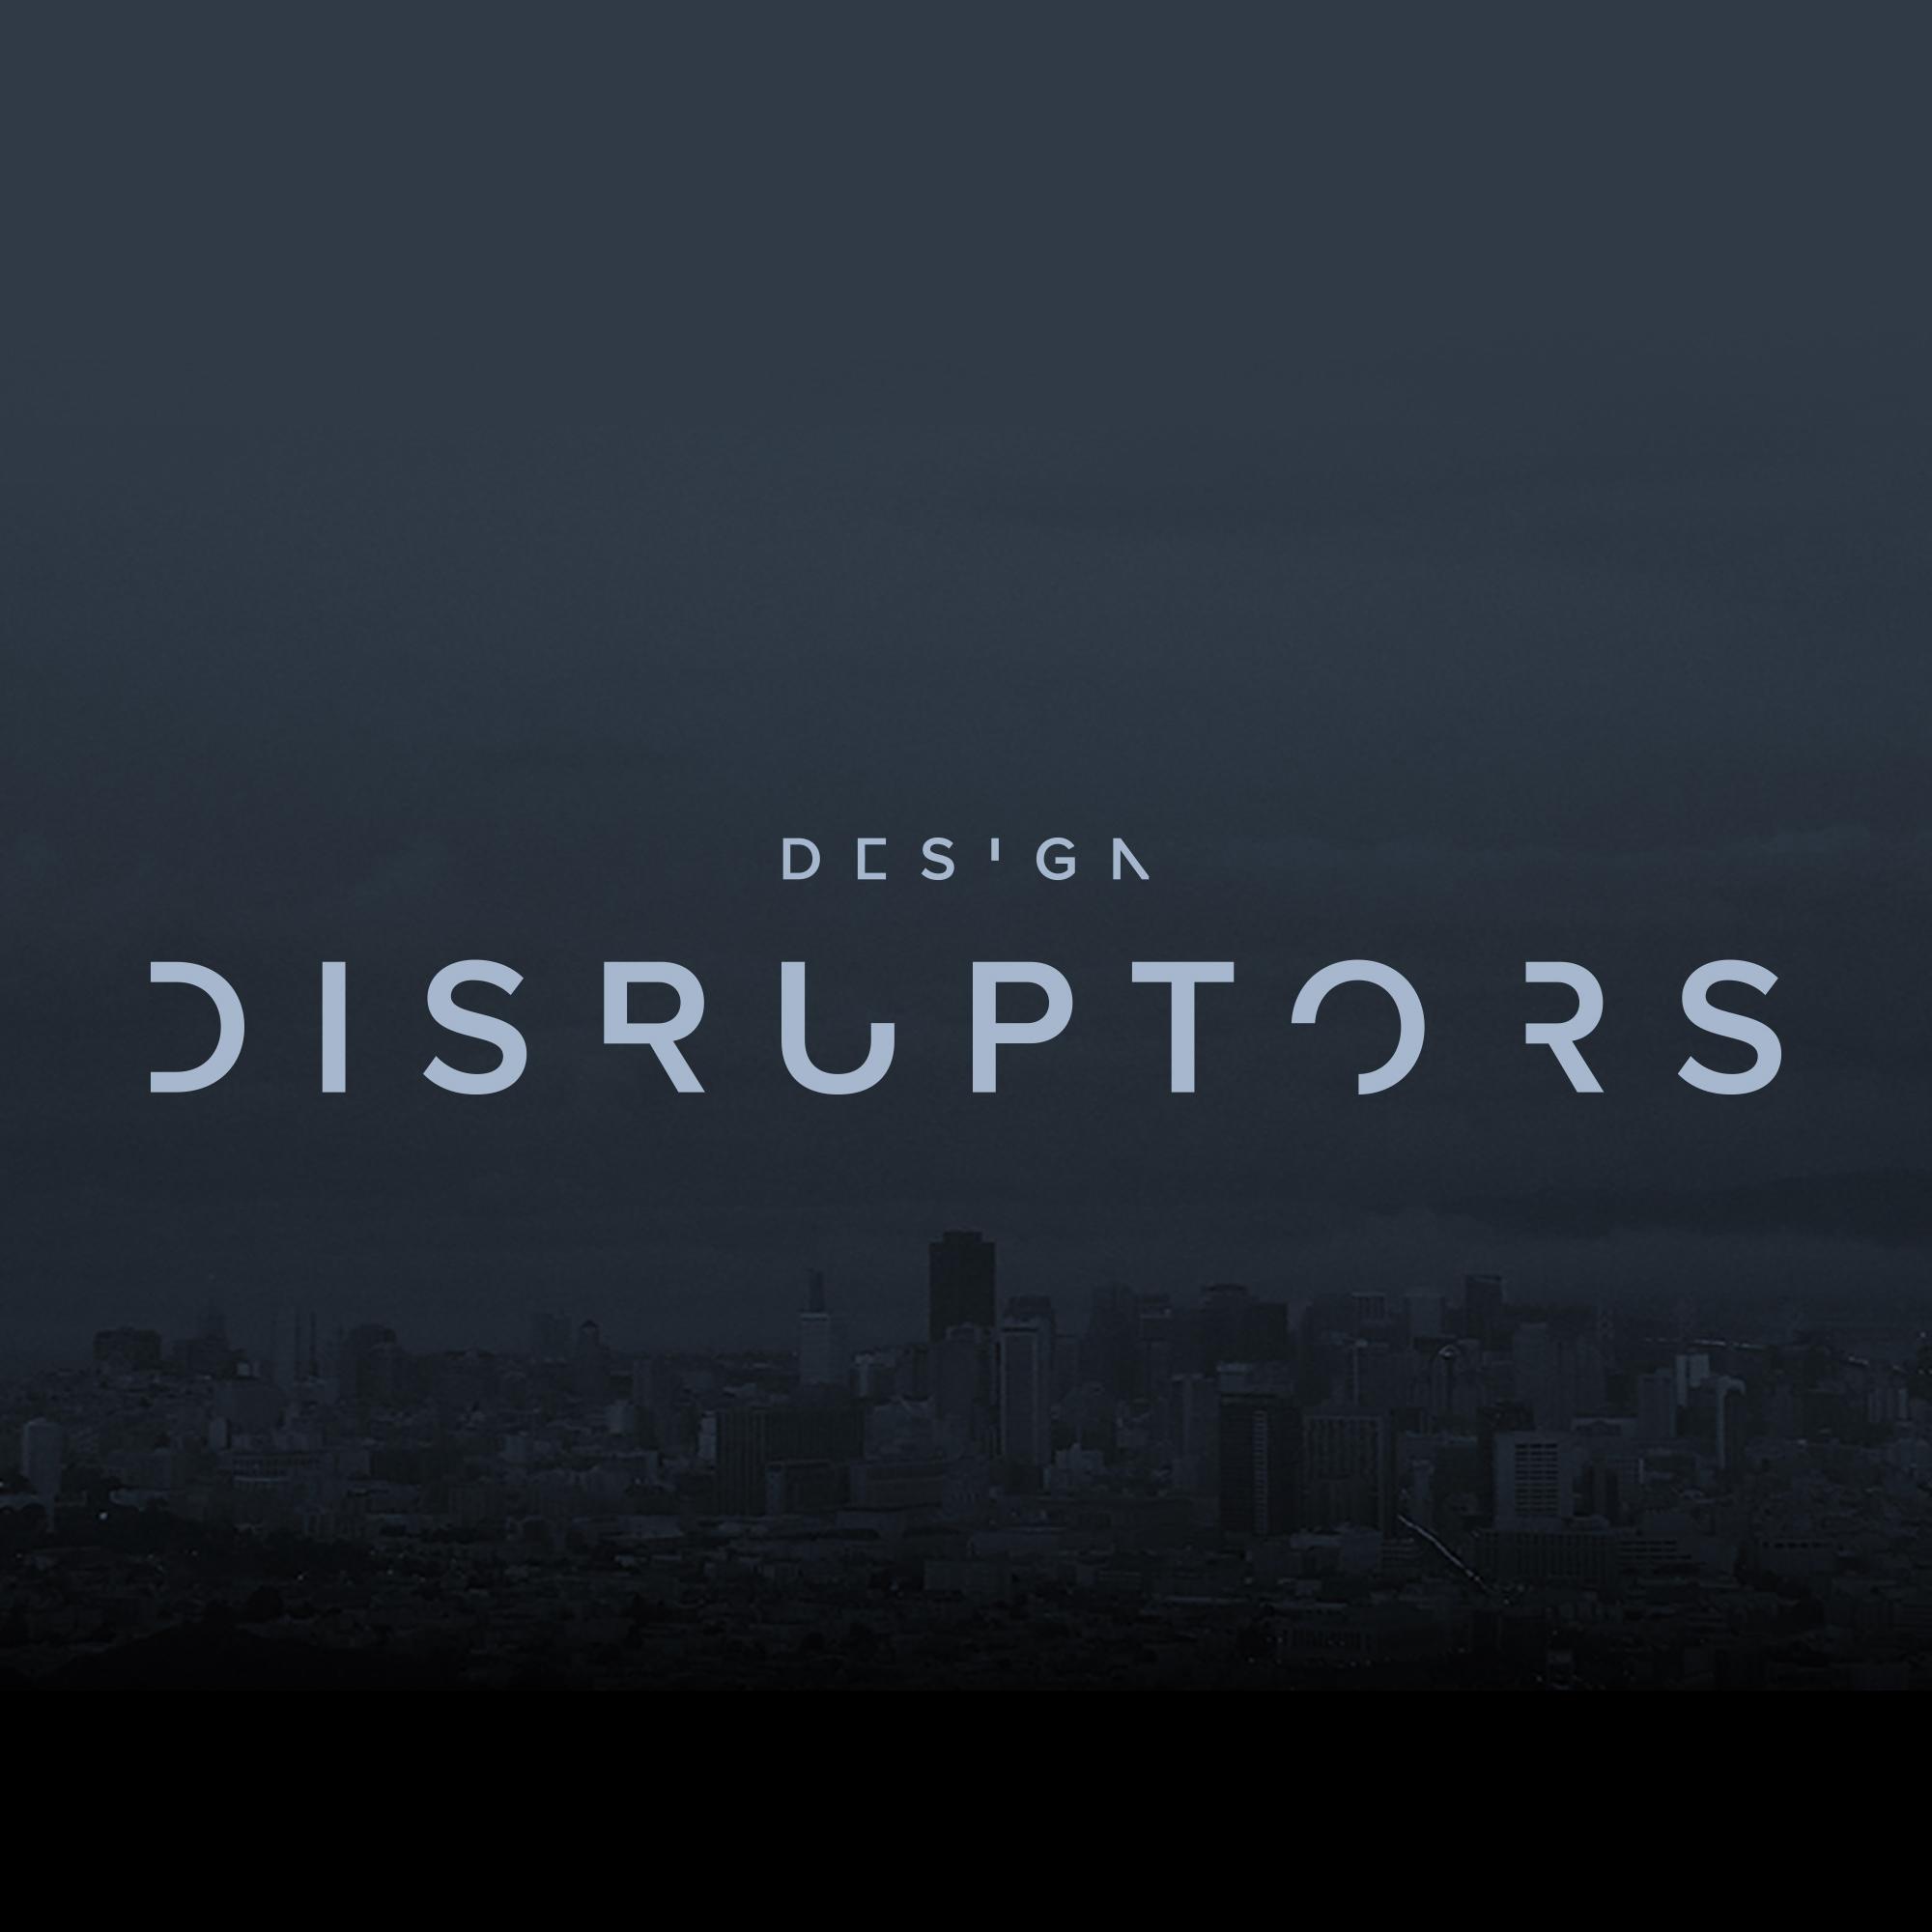 InVision's Design Disruptors